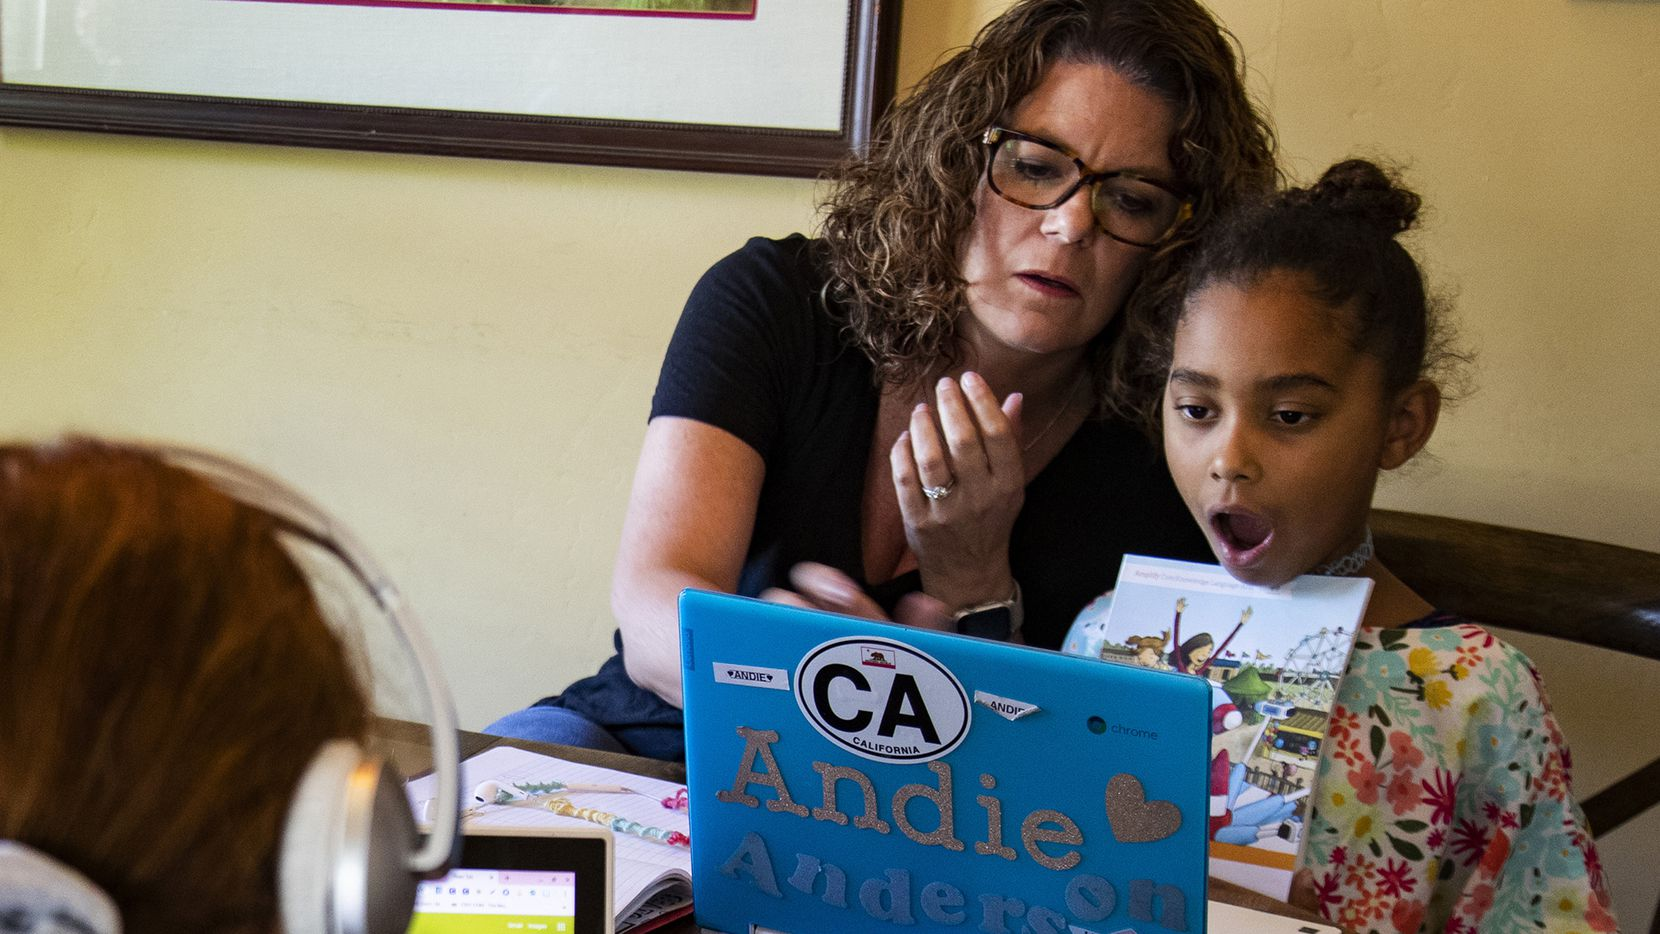 Kristen Bristow, una exmaestra, da clases en casa a sus hijas Andie, de 6 años y Kat, de 12, en Riverside, Calif. Con la pandemia ha aumentado el interés por la educación en casa.